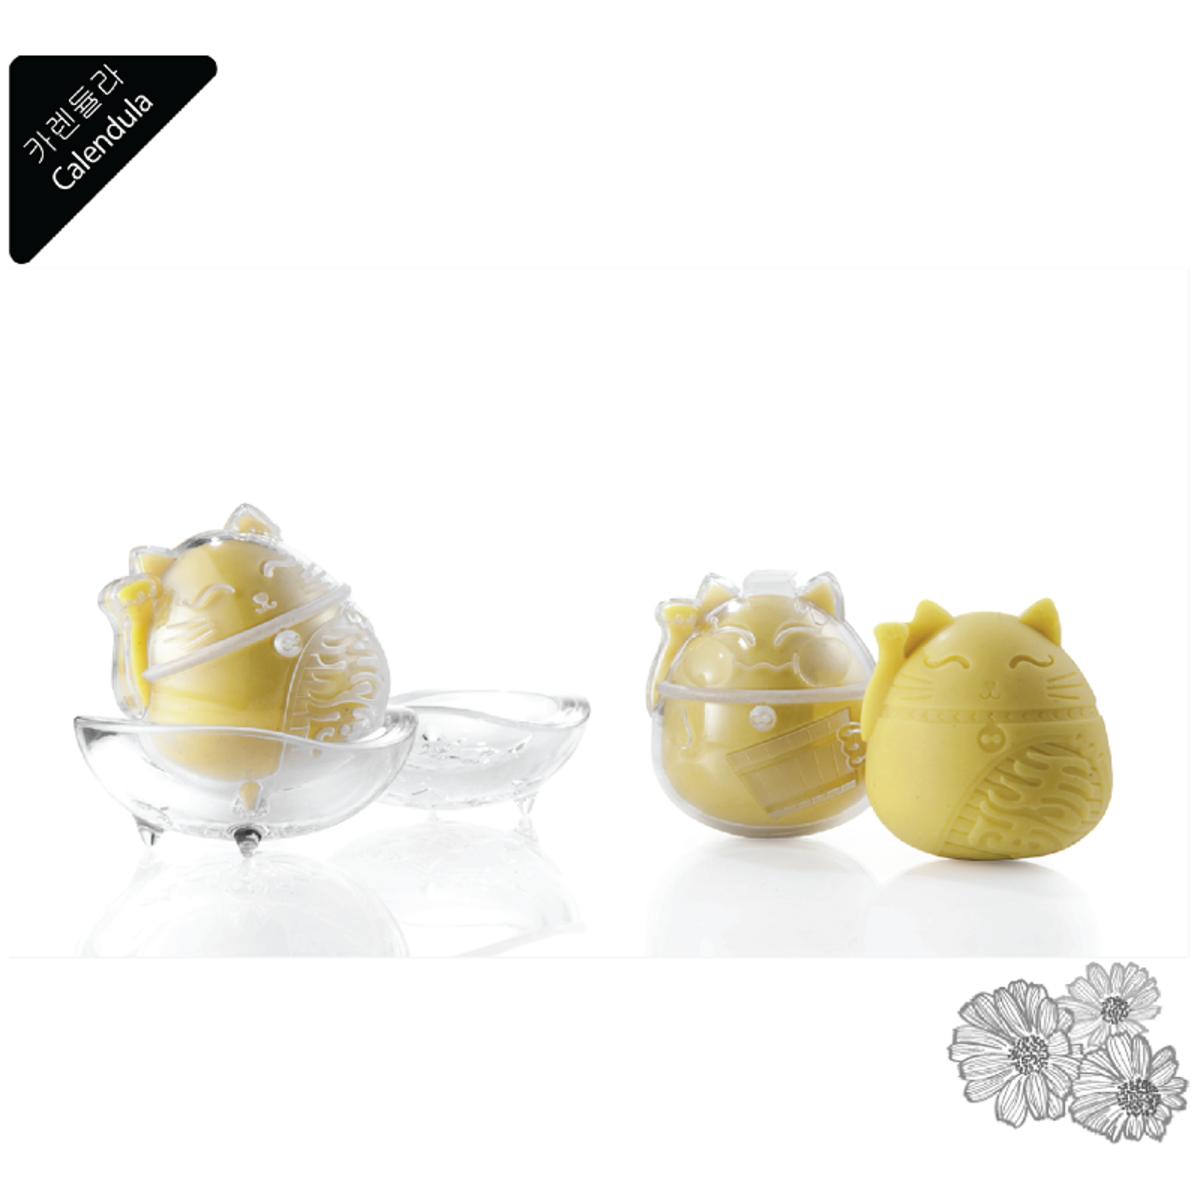 埃及金盞花 天然有機潔面皂-1件貓形套裝